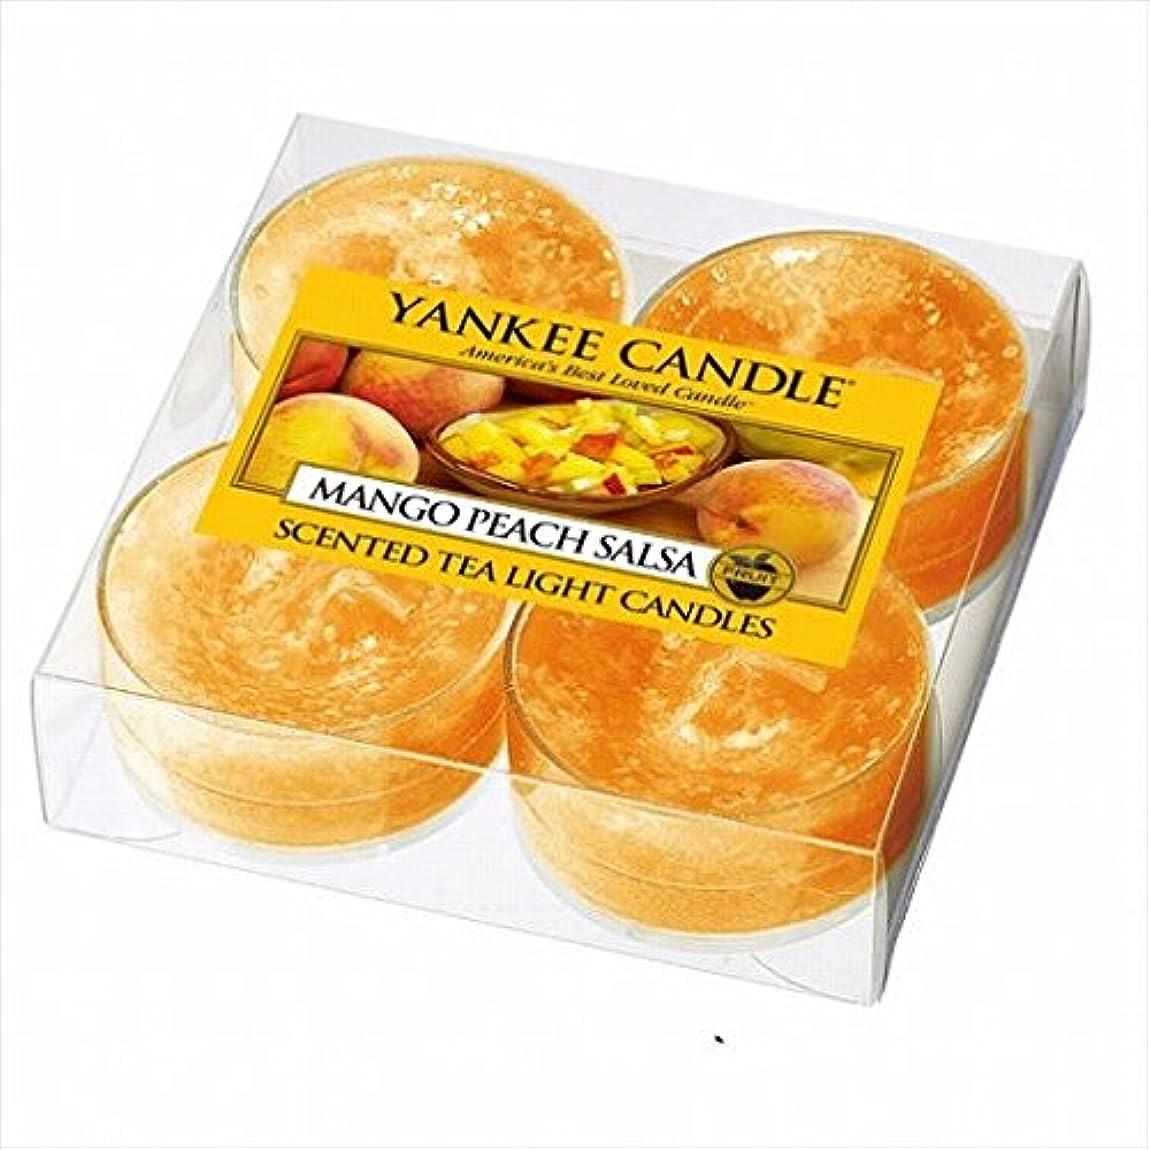 カメヤマキャンドル( kameyama candle ) YANKEE CANDLE クリアカップティーライト4個入り 「 マンゴーピーチサルサ 」